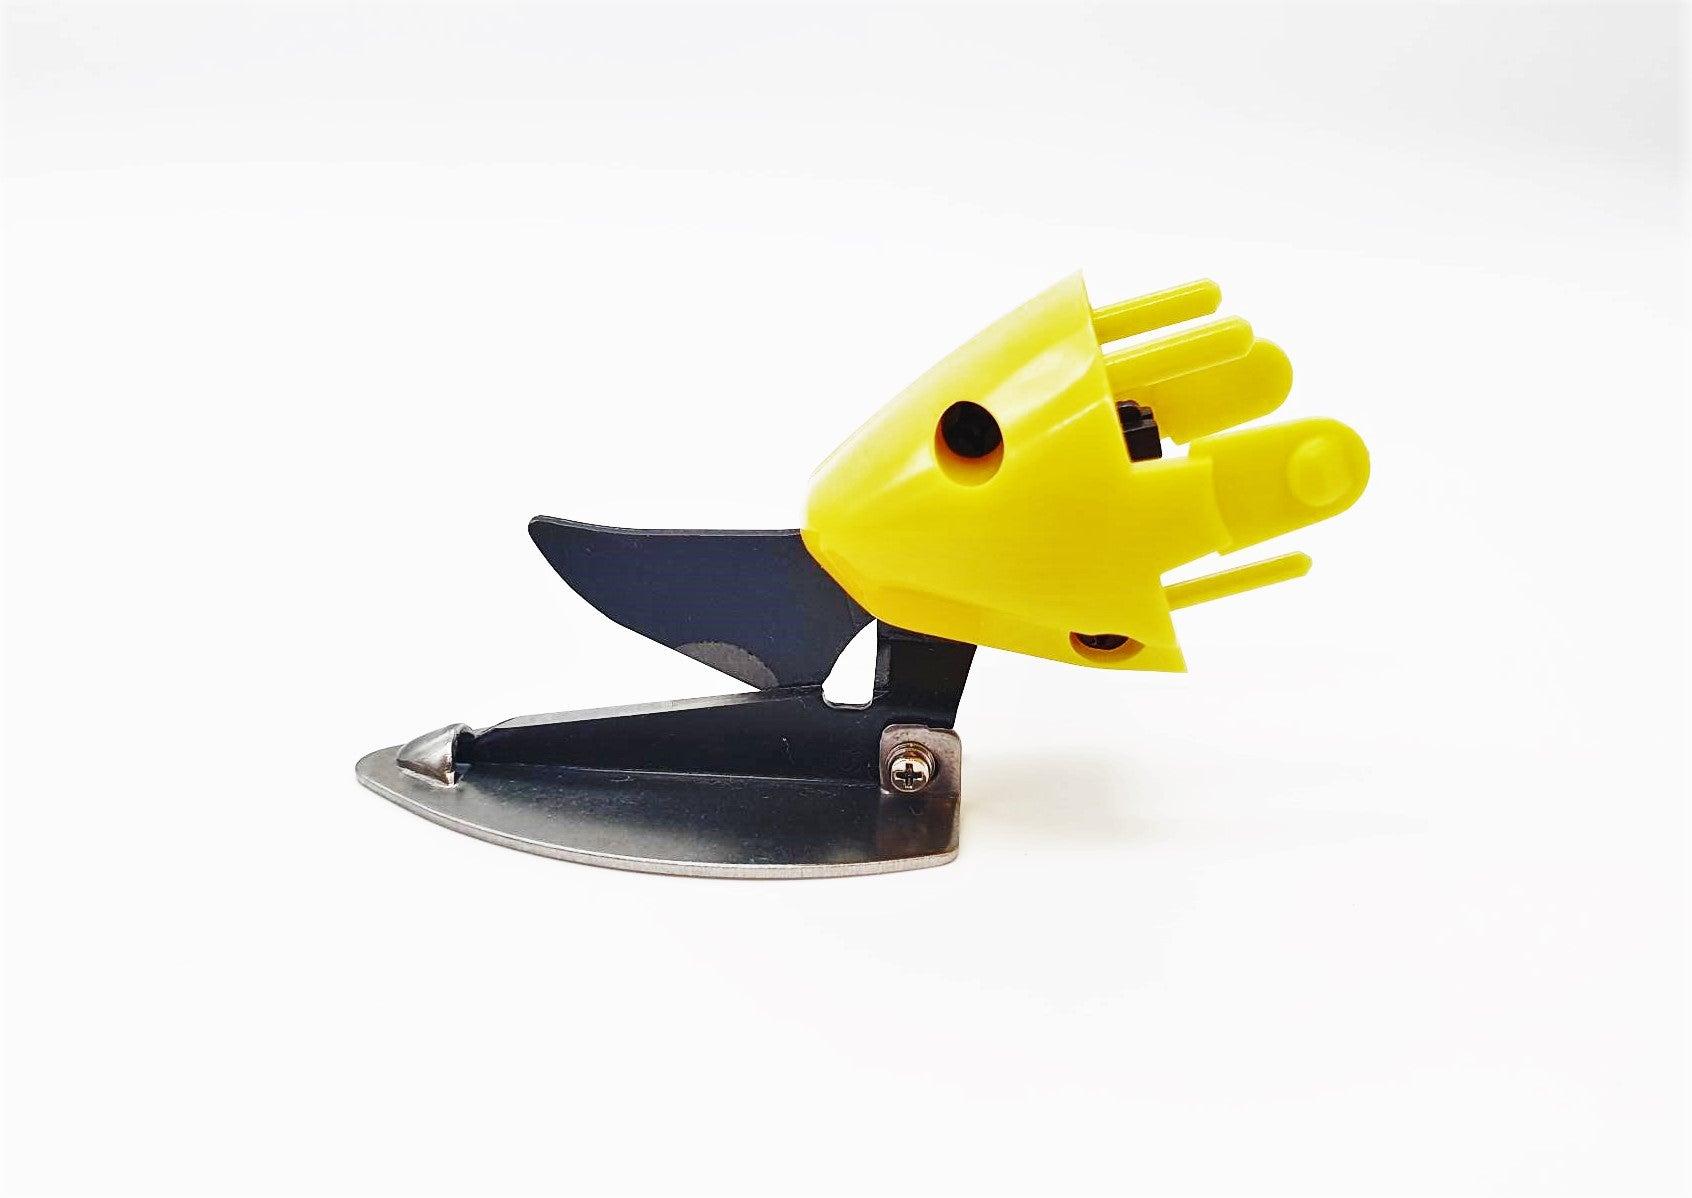 EC-Cutter Schneidkopf mit Fuß,für klassische Textilien